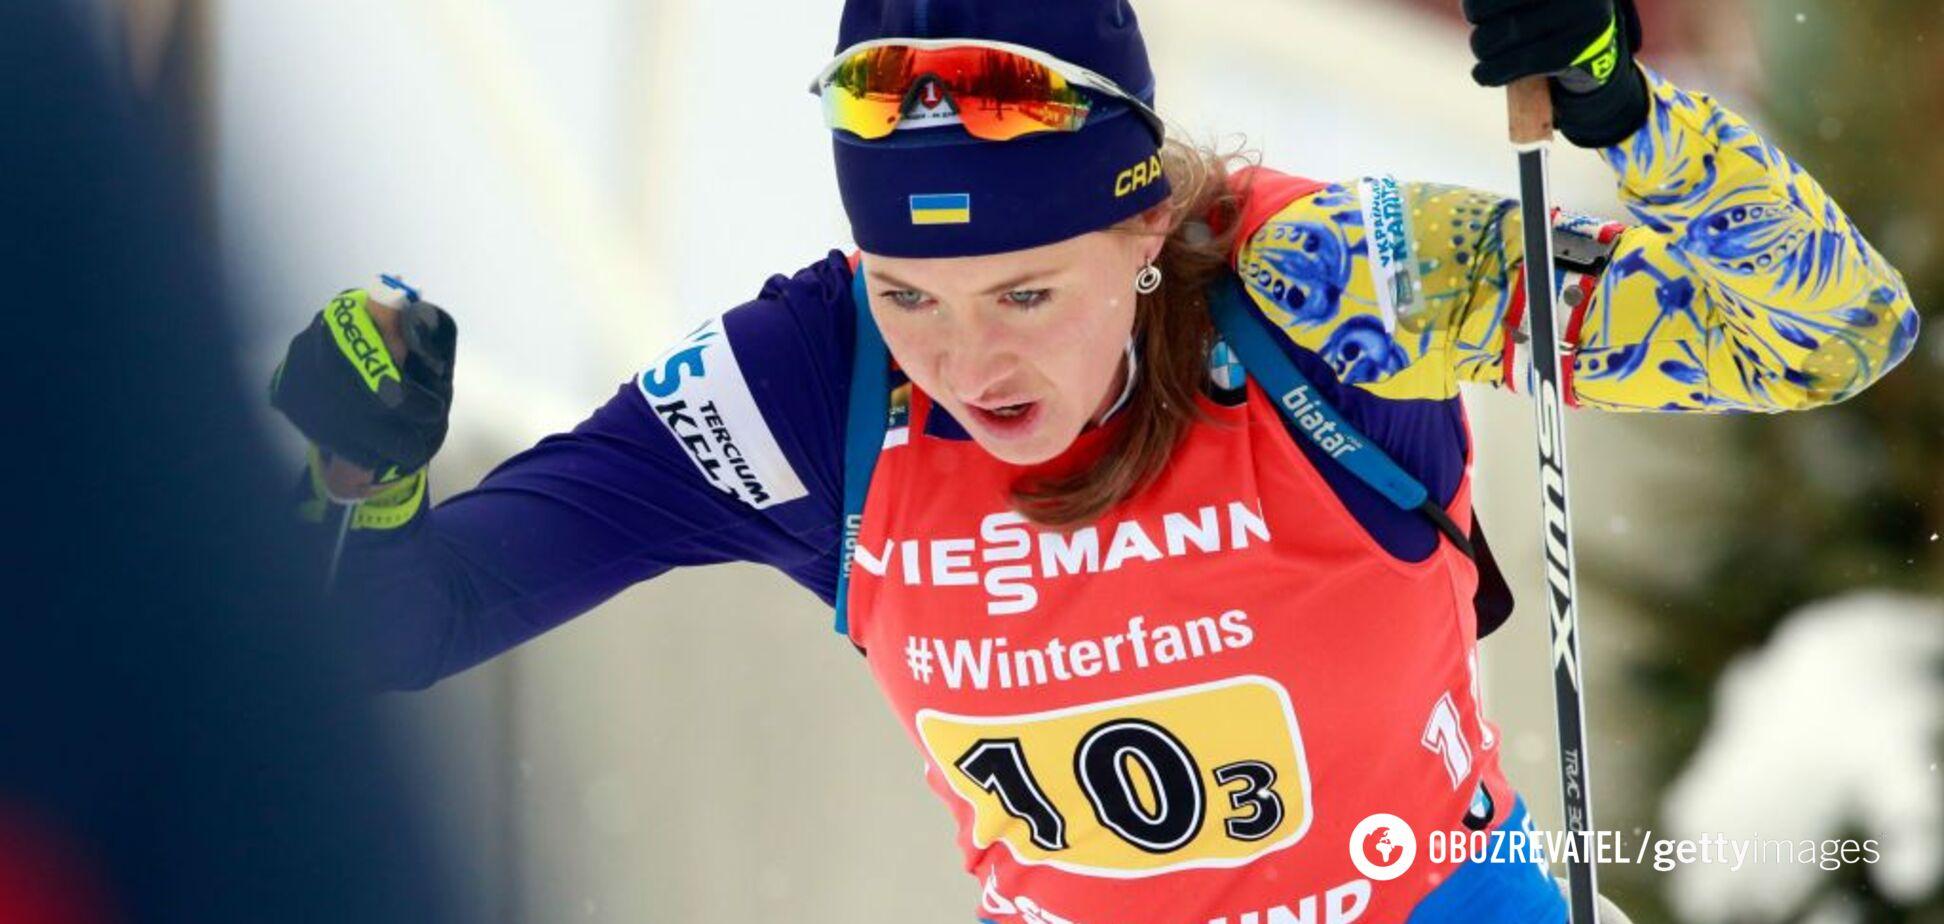 Є медаль! Українка створила грандіозну сенсацію на Кубку світу з біатлону